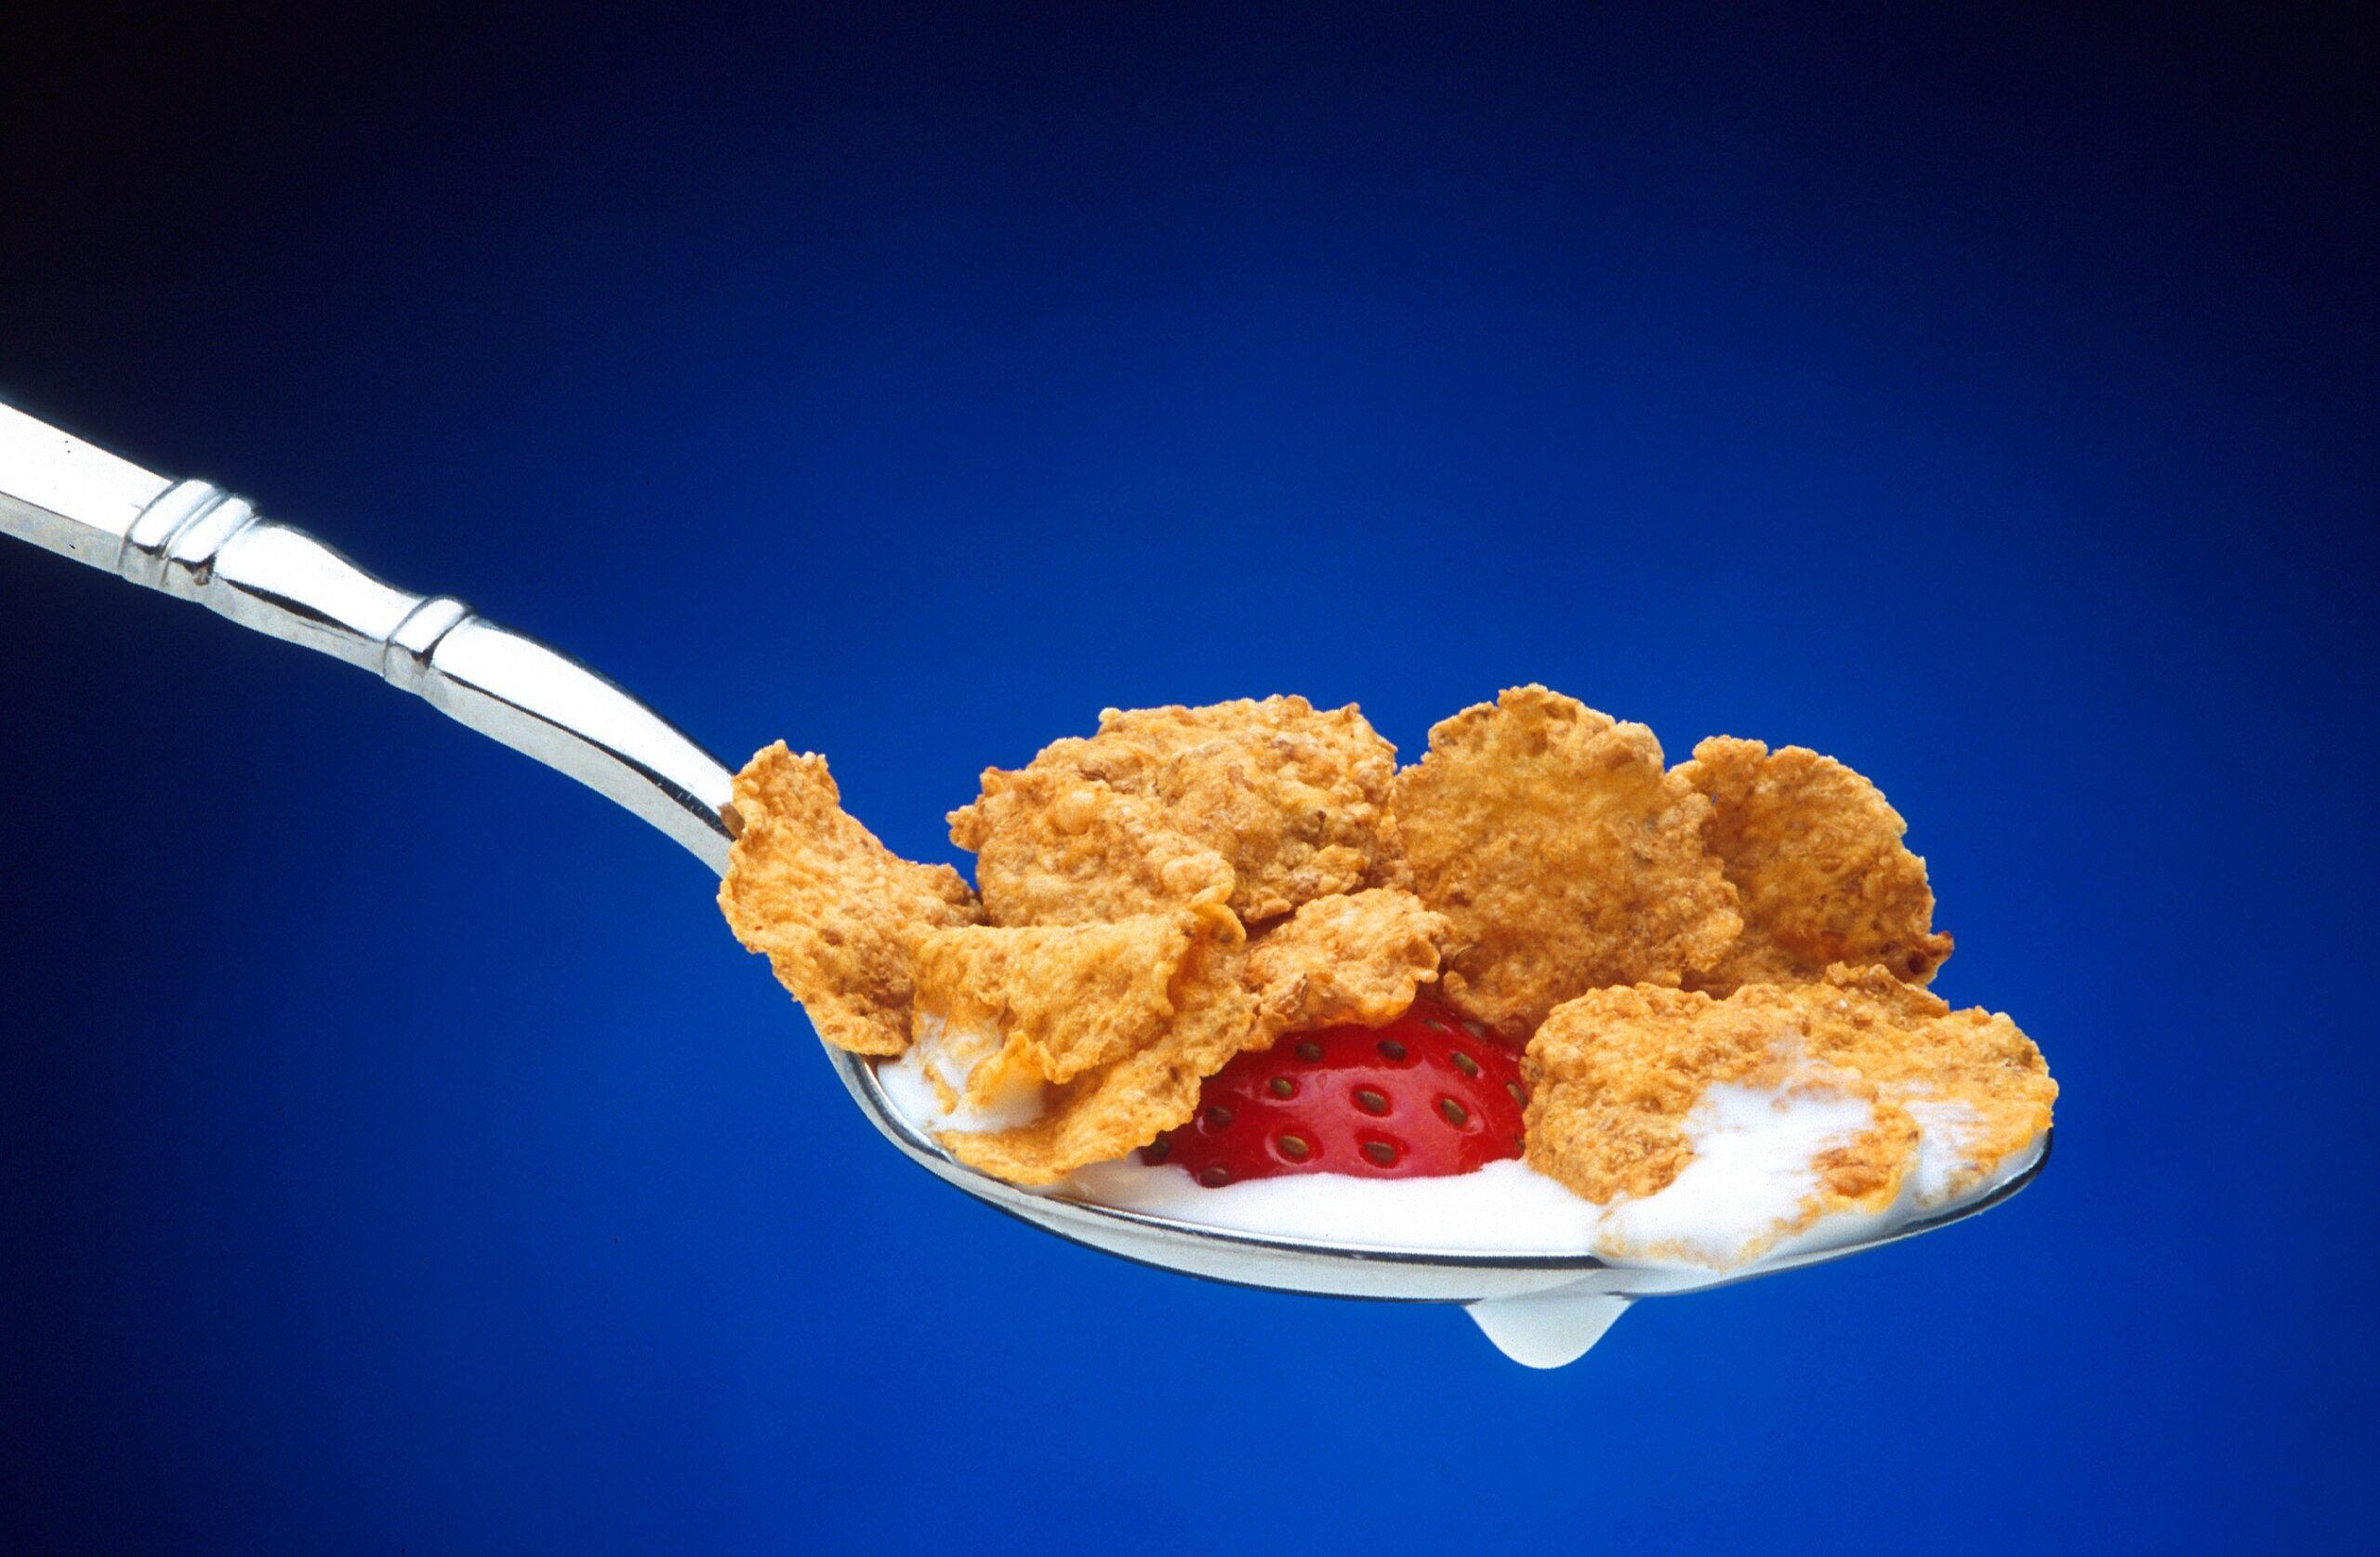 cereal-cornflakes-food-milk